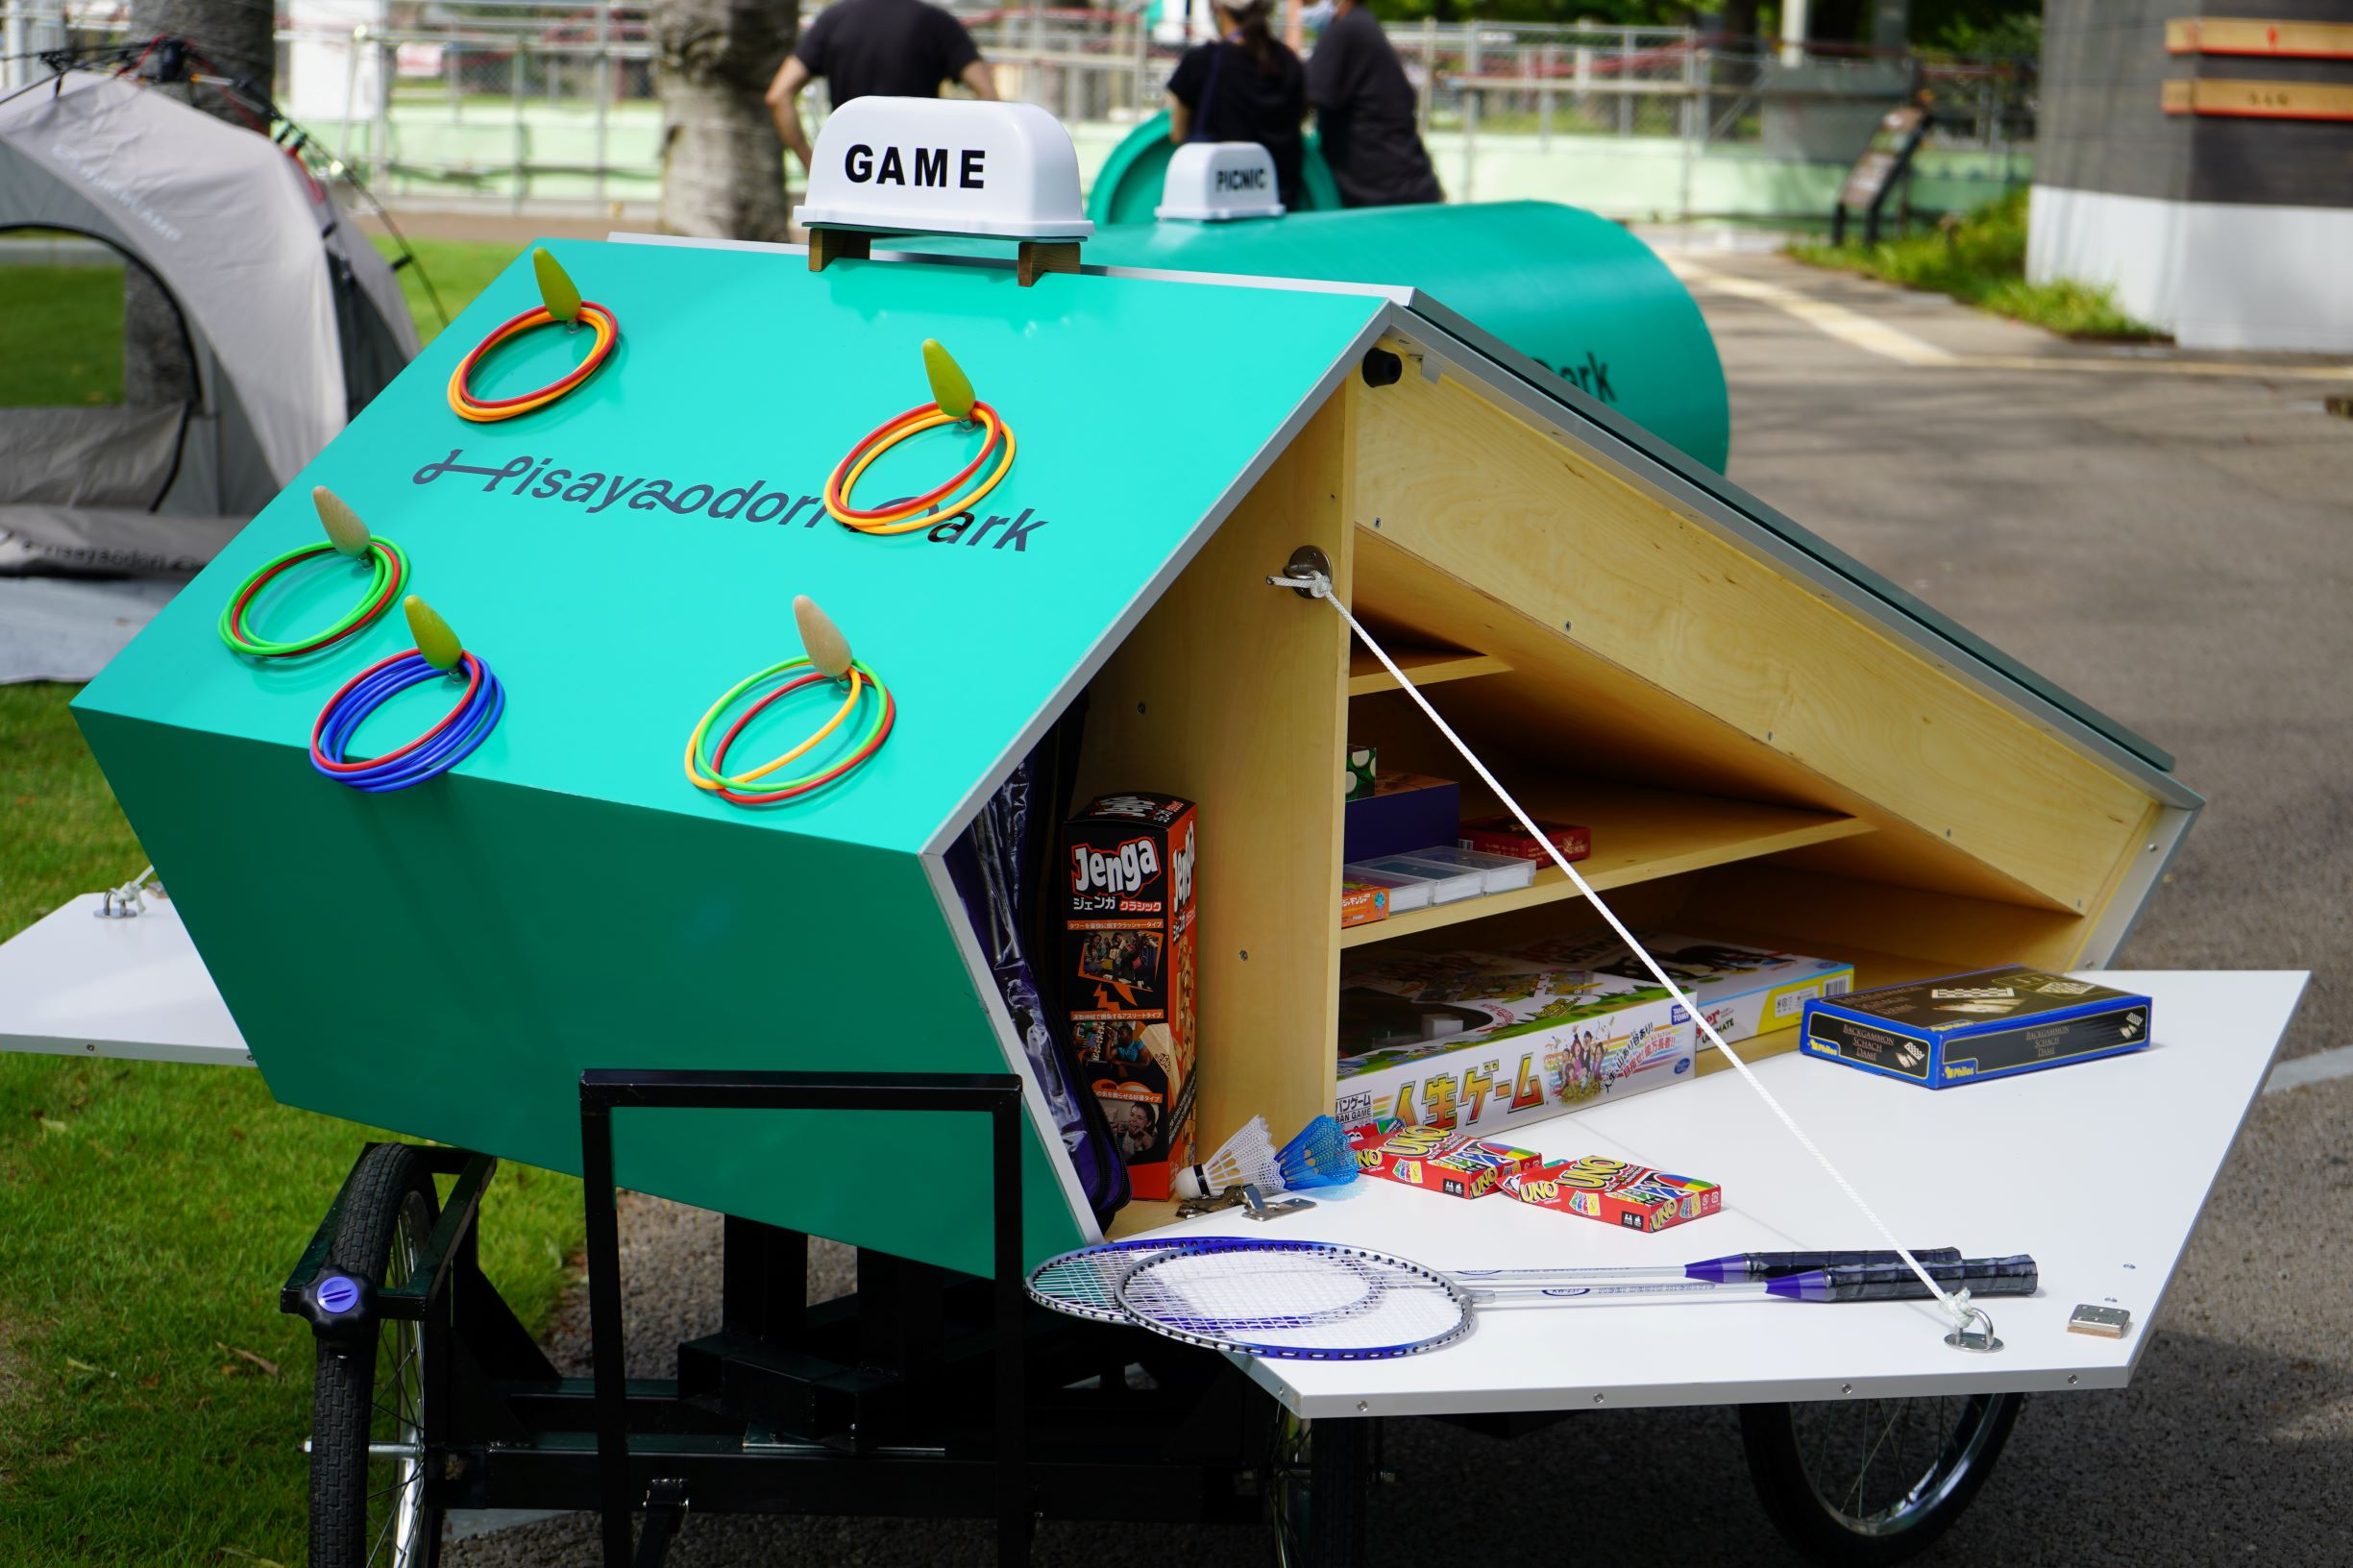 テントにハンモックも!久屋大通パークの芝生広場で、思い思いの過ごし方を - DSC03402